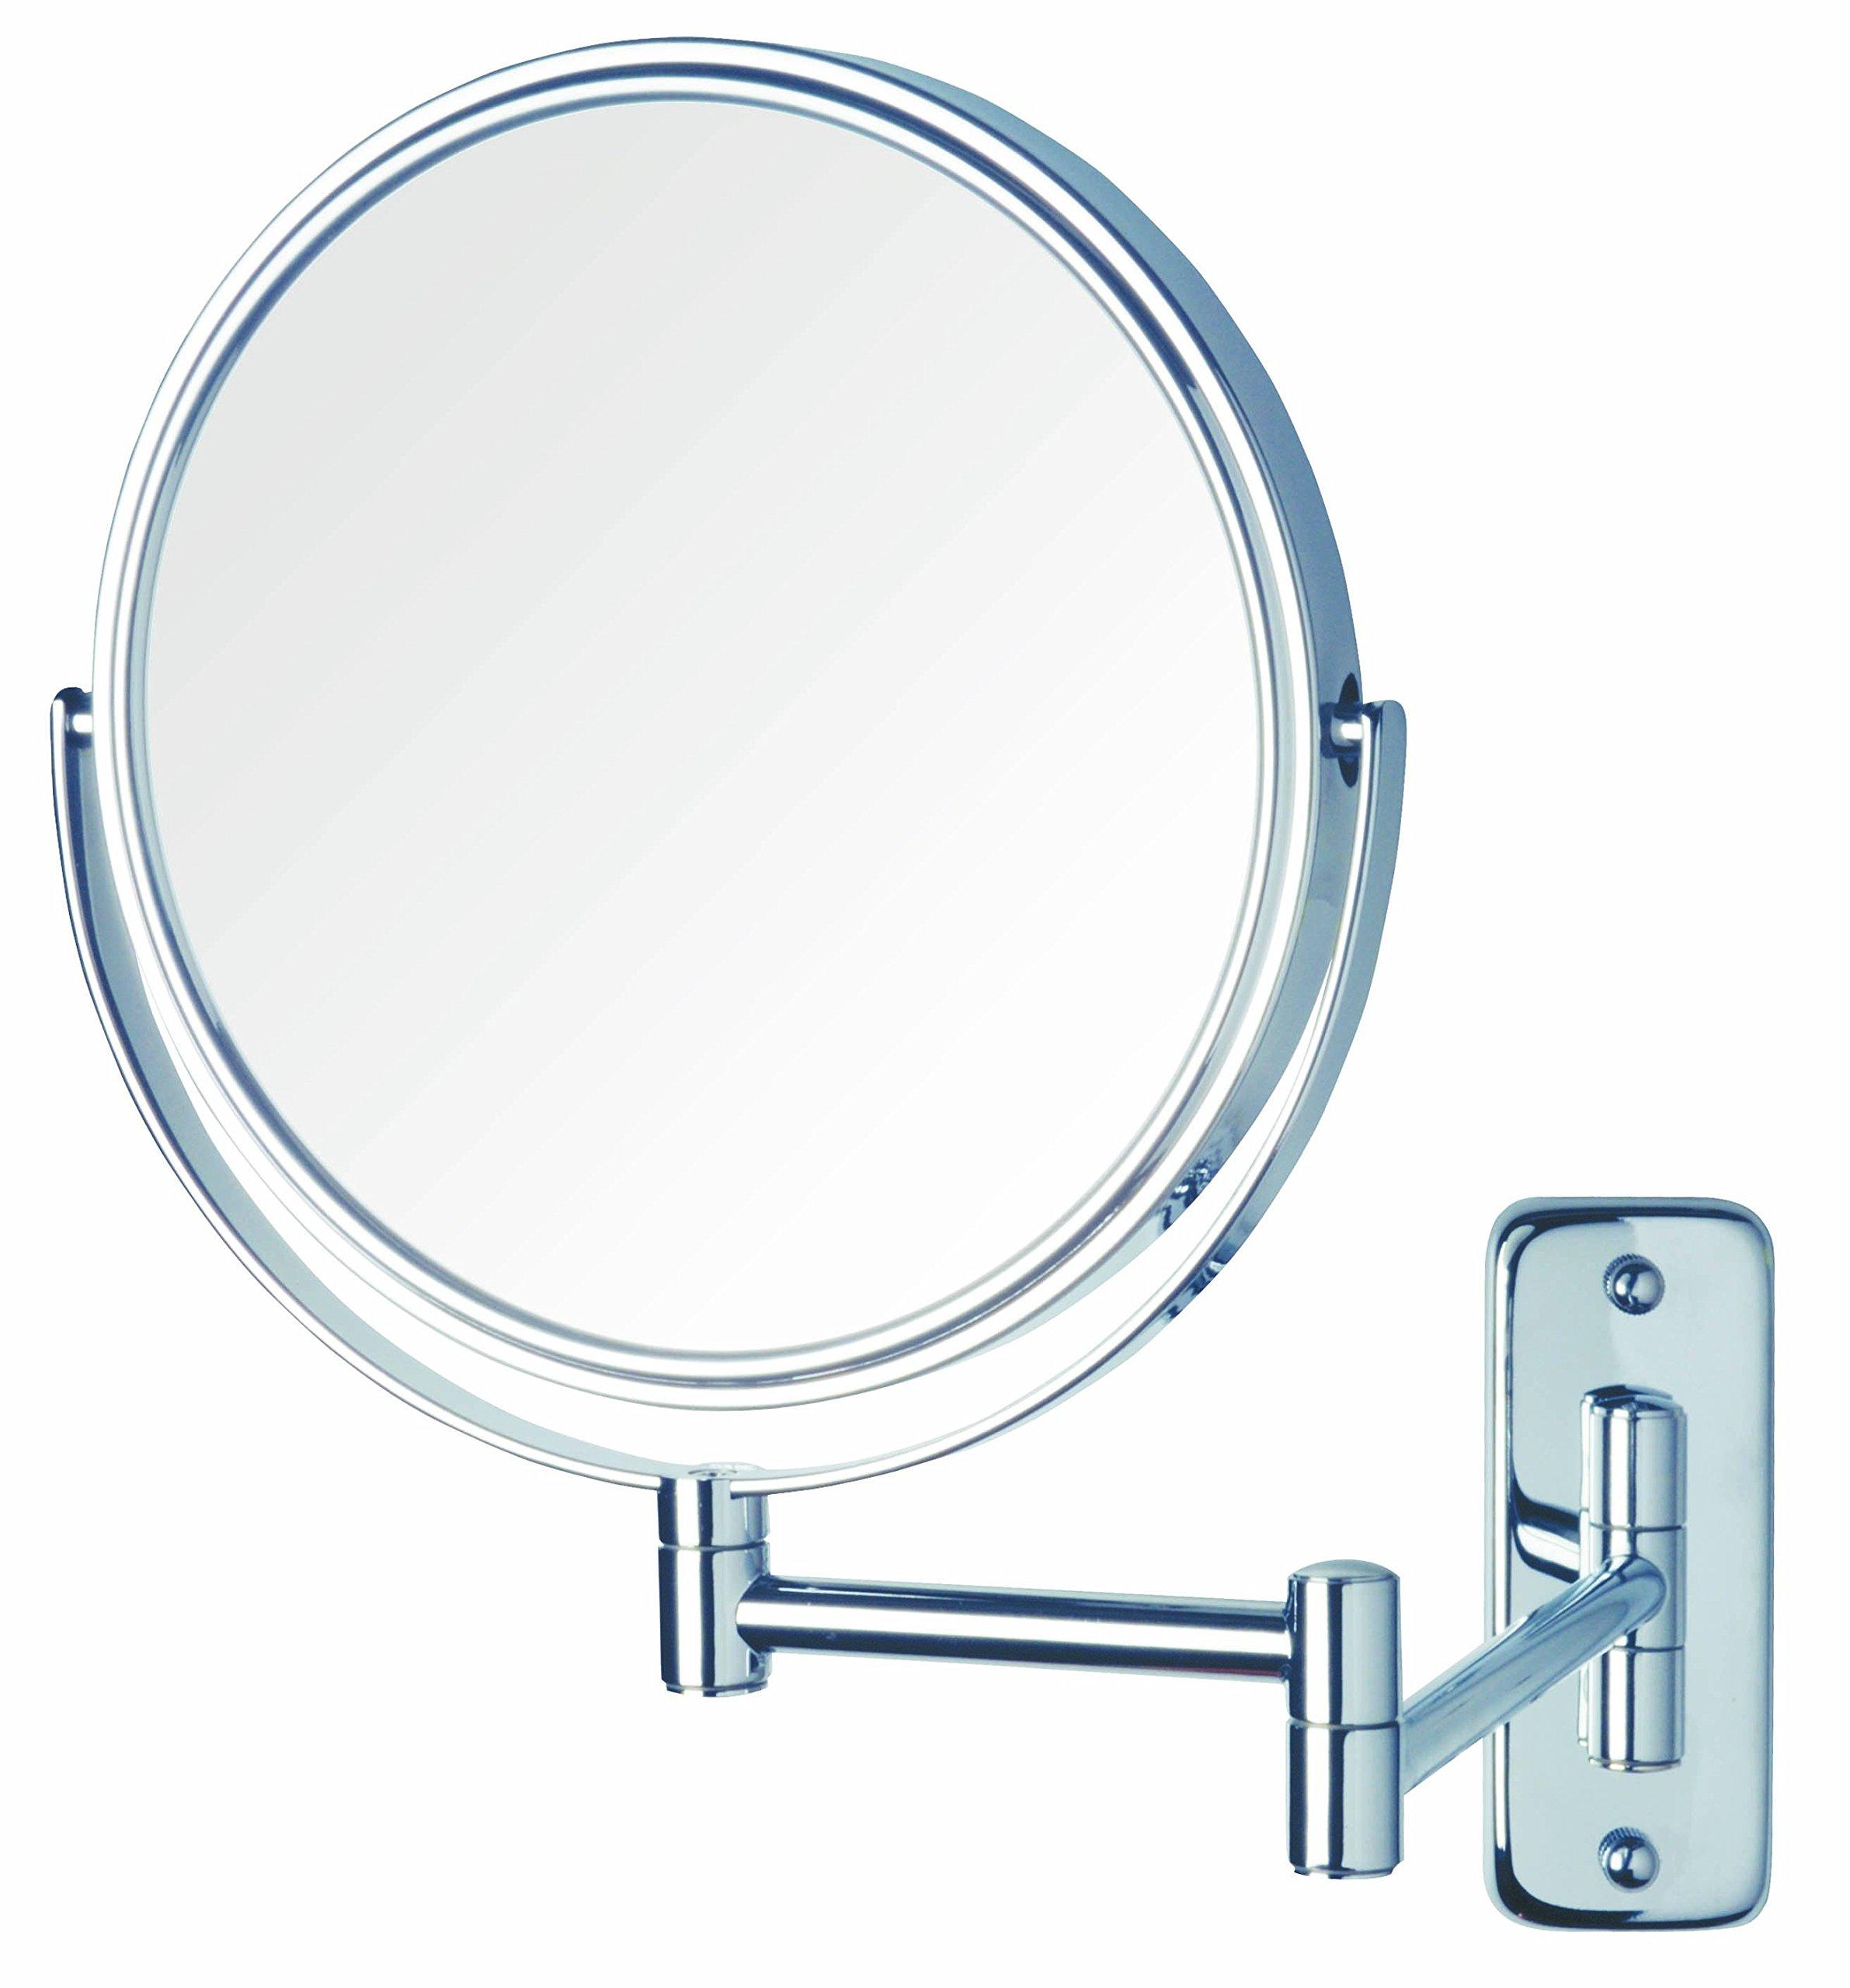 velvac mirror wiring diagram part numbers jerdon mounted mirror wiring diagram - halo sld 4 in white ... #6